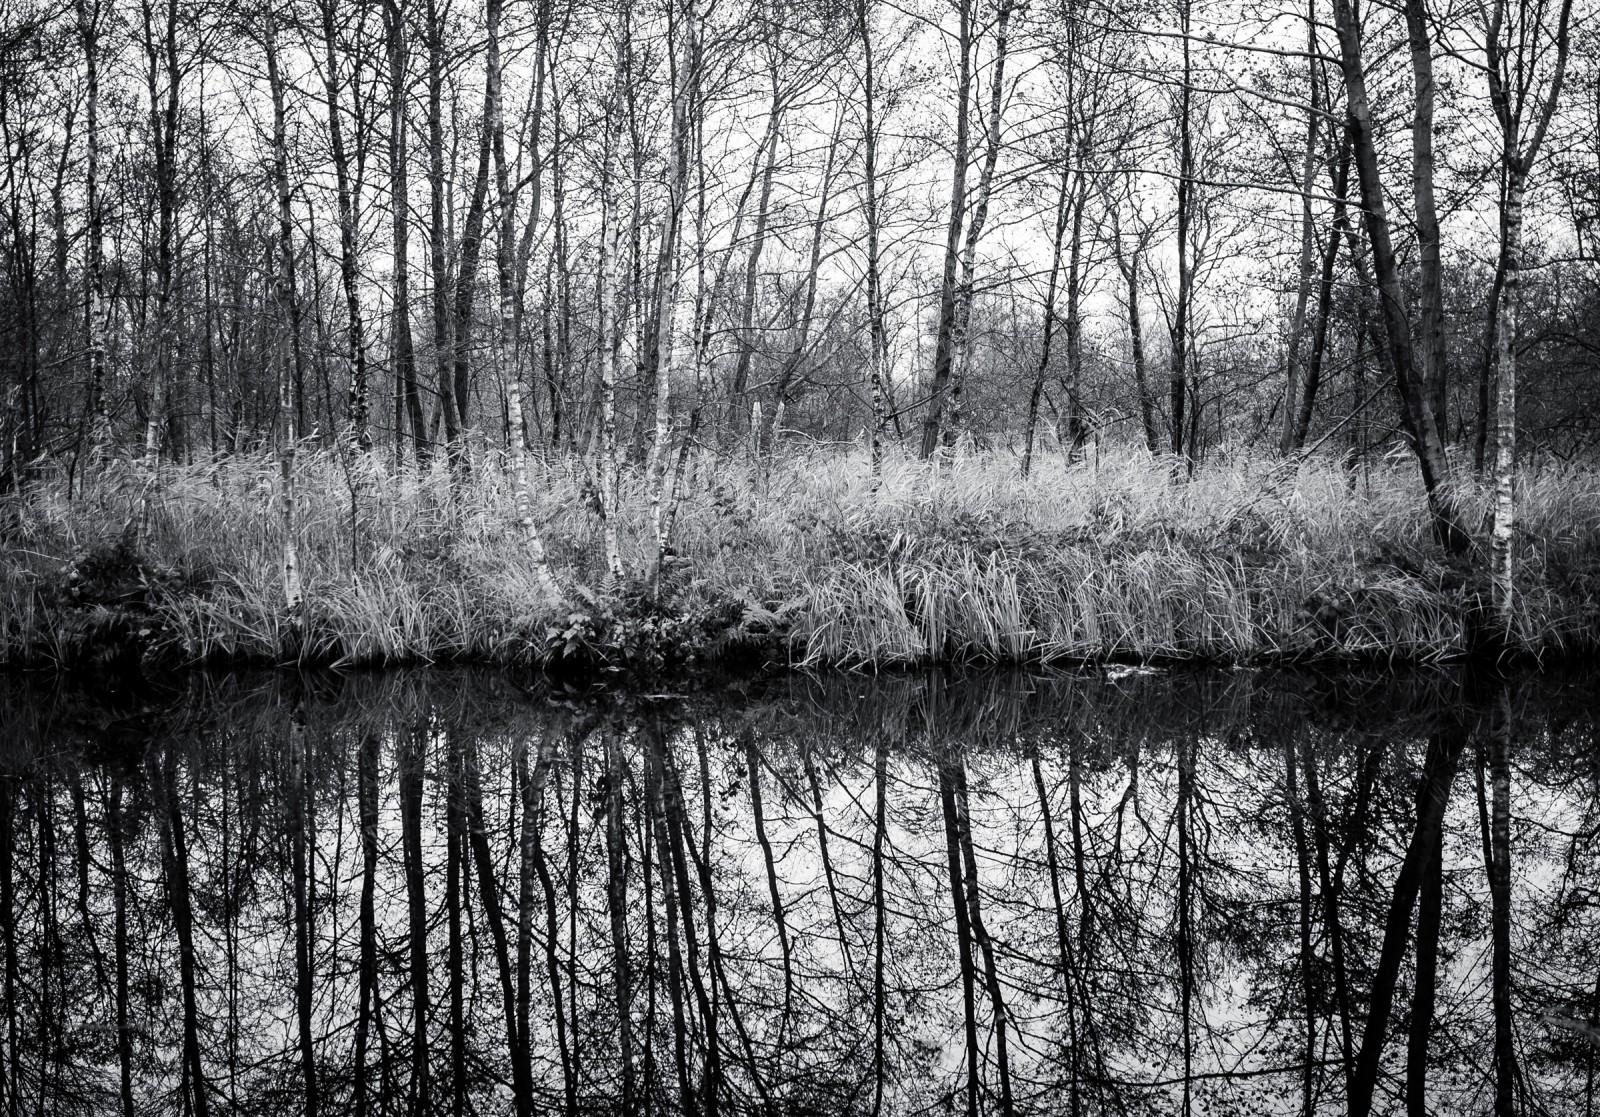 019_Nationaal_park_Weerribben-Wieden__1-1118